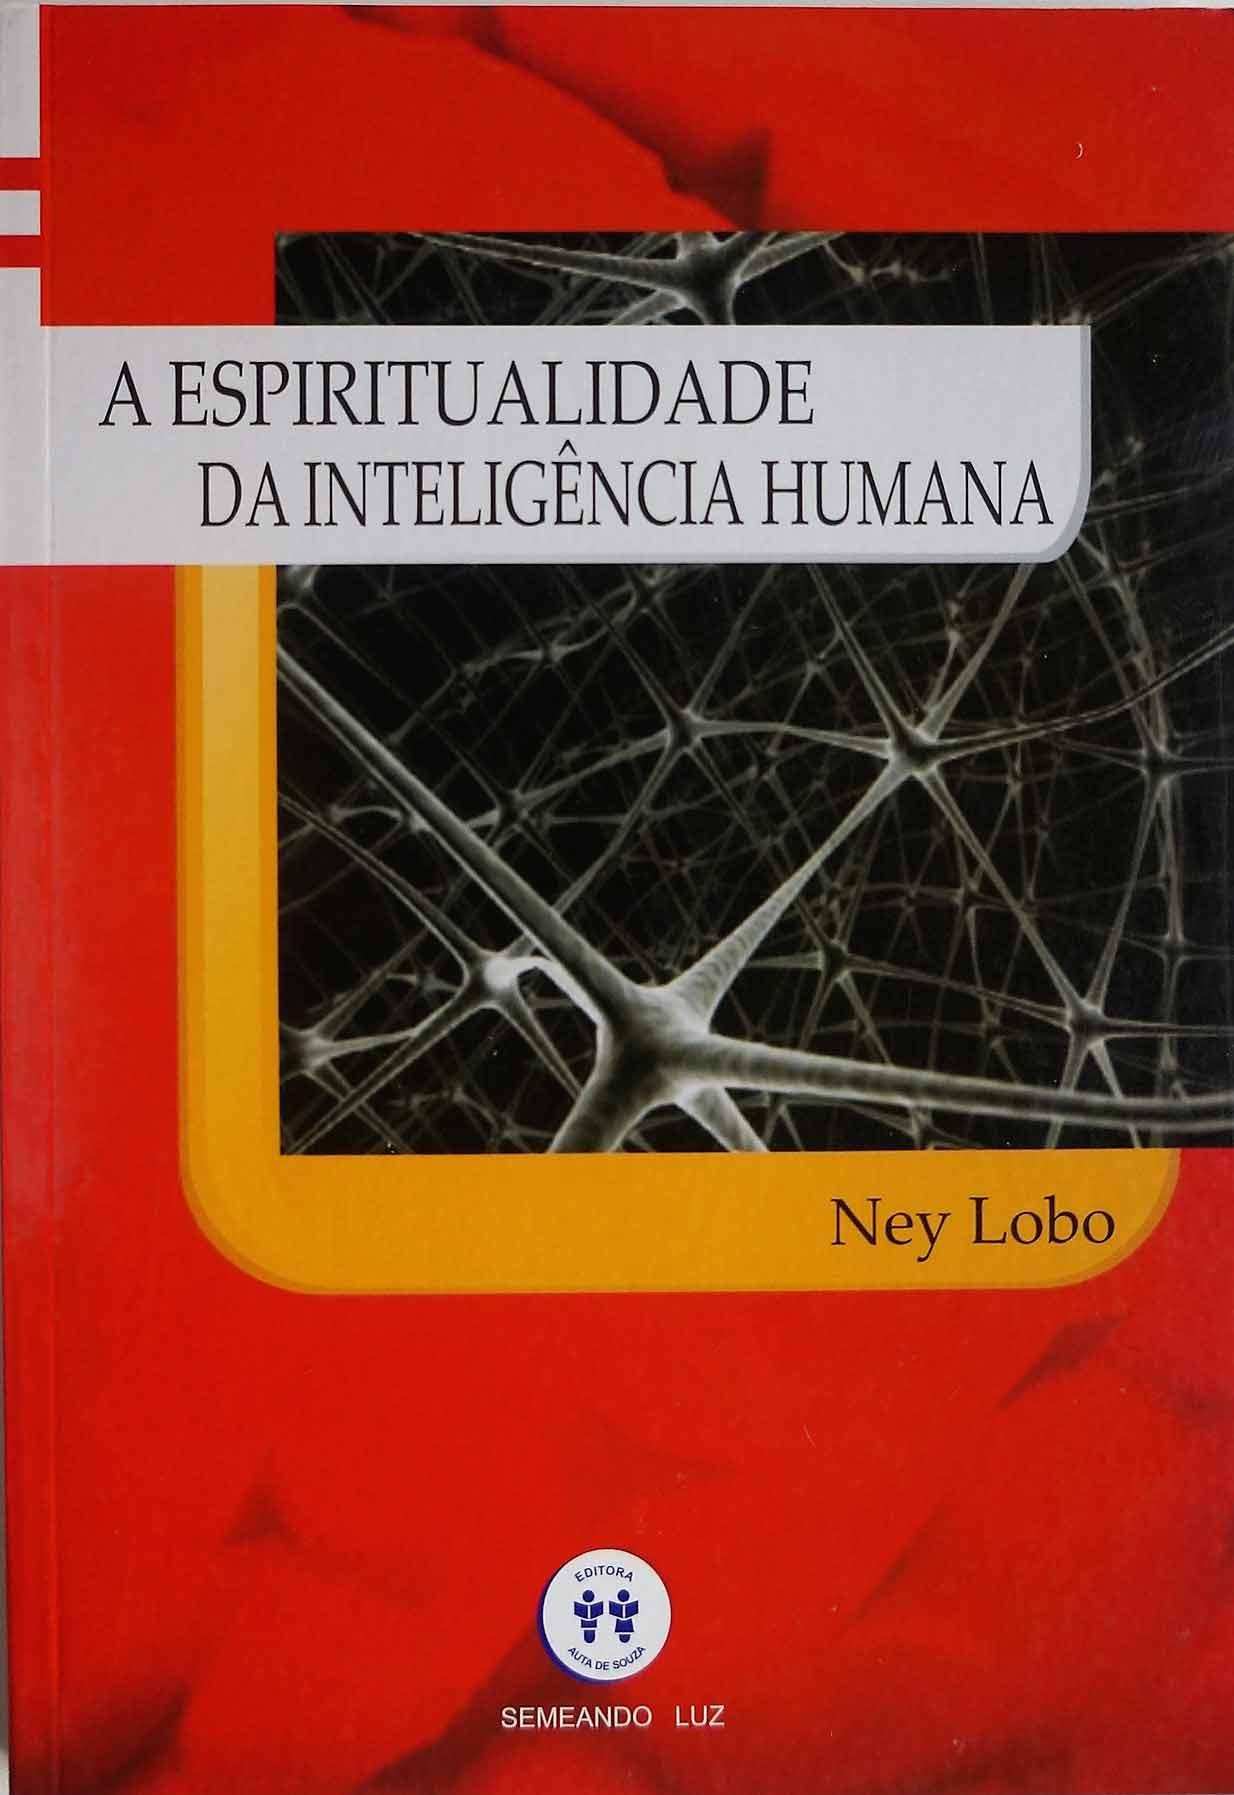 A ESPIRITUALIDADE DA INTELIGÊNCIA HUMANA